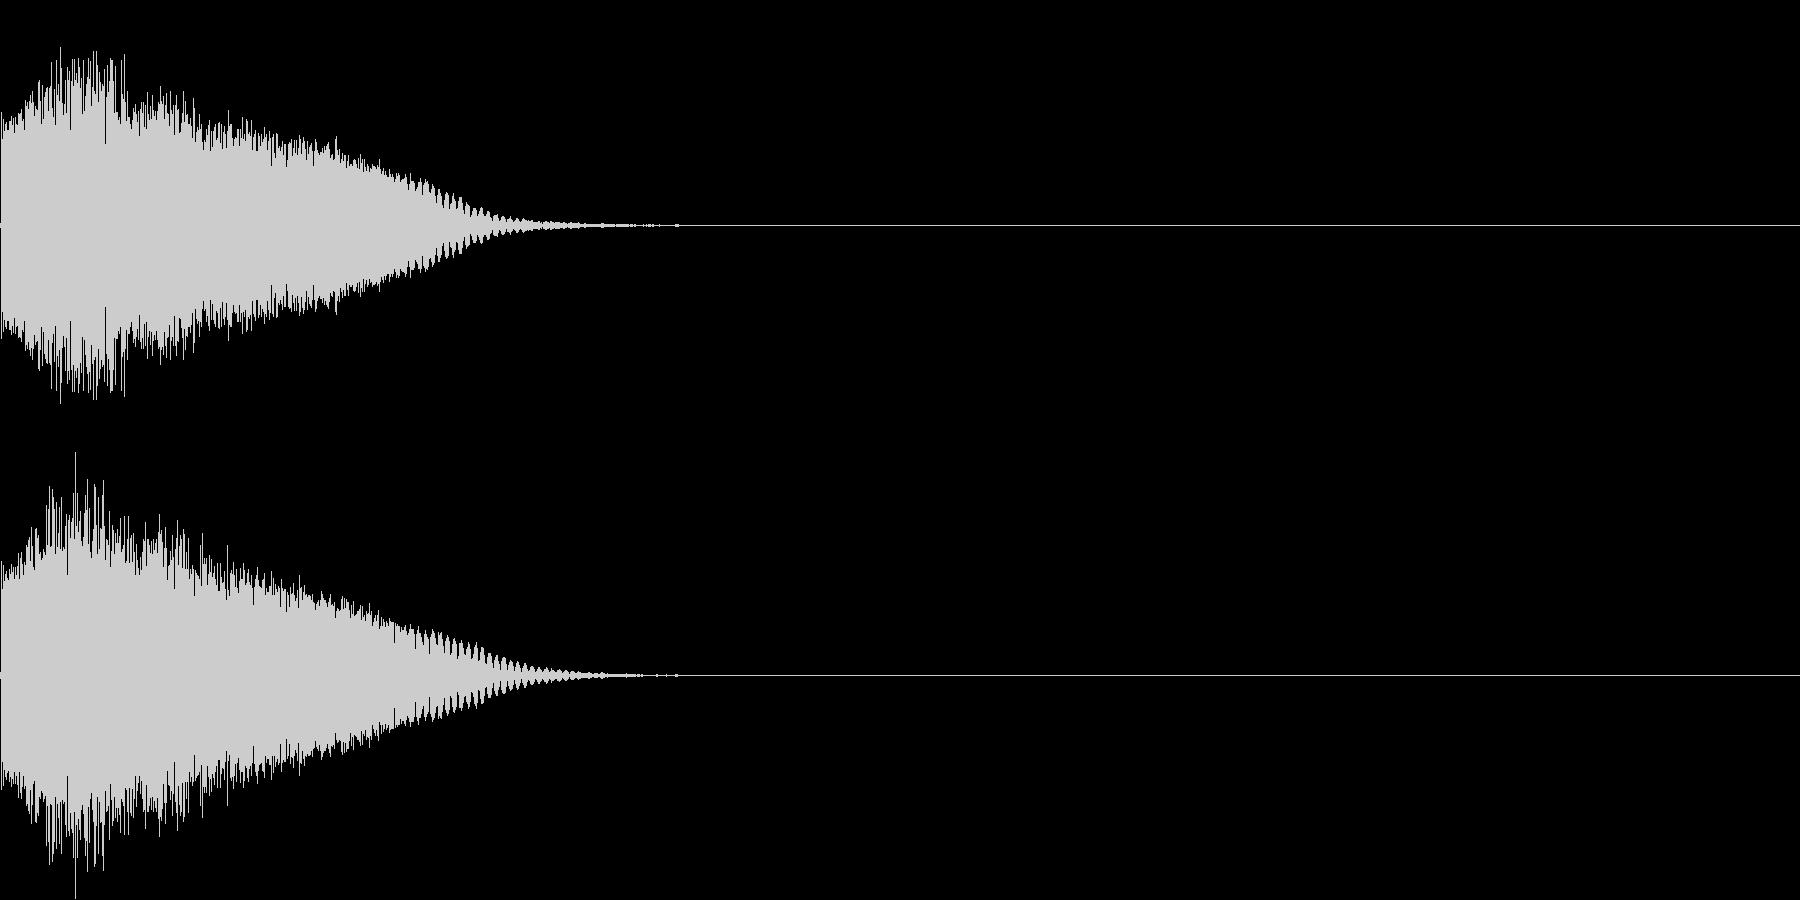 刀 剣 カキーン シャキーン 目立つ14の未再生の波形